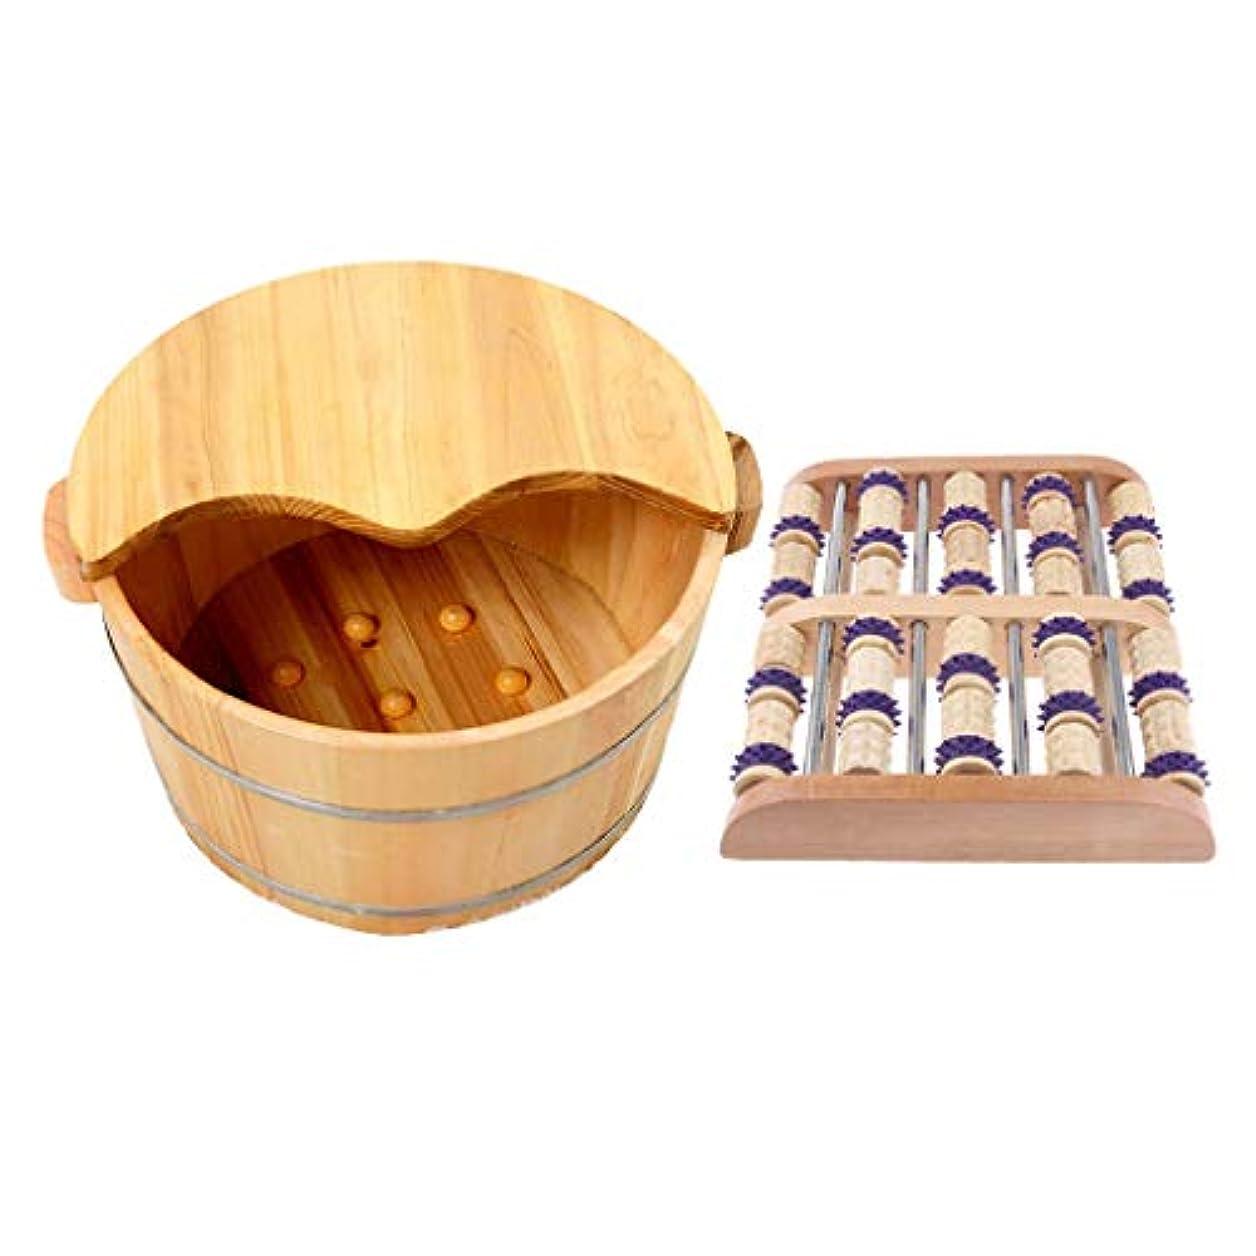 トマト西部電話に出るgazechimp 足つぼ マット マッサージフット 手作りウッド タイトステッチ 足裏 ツボ押健康木製の足の洗面台付き